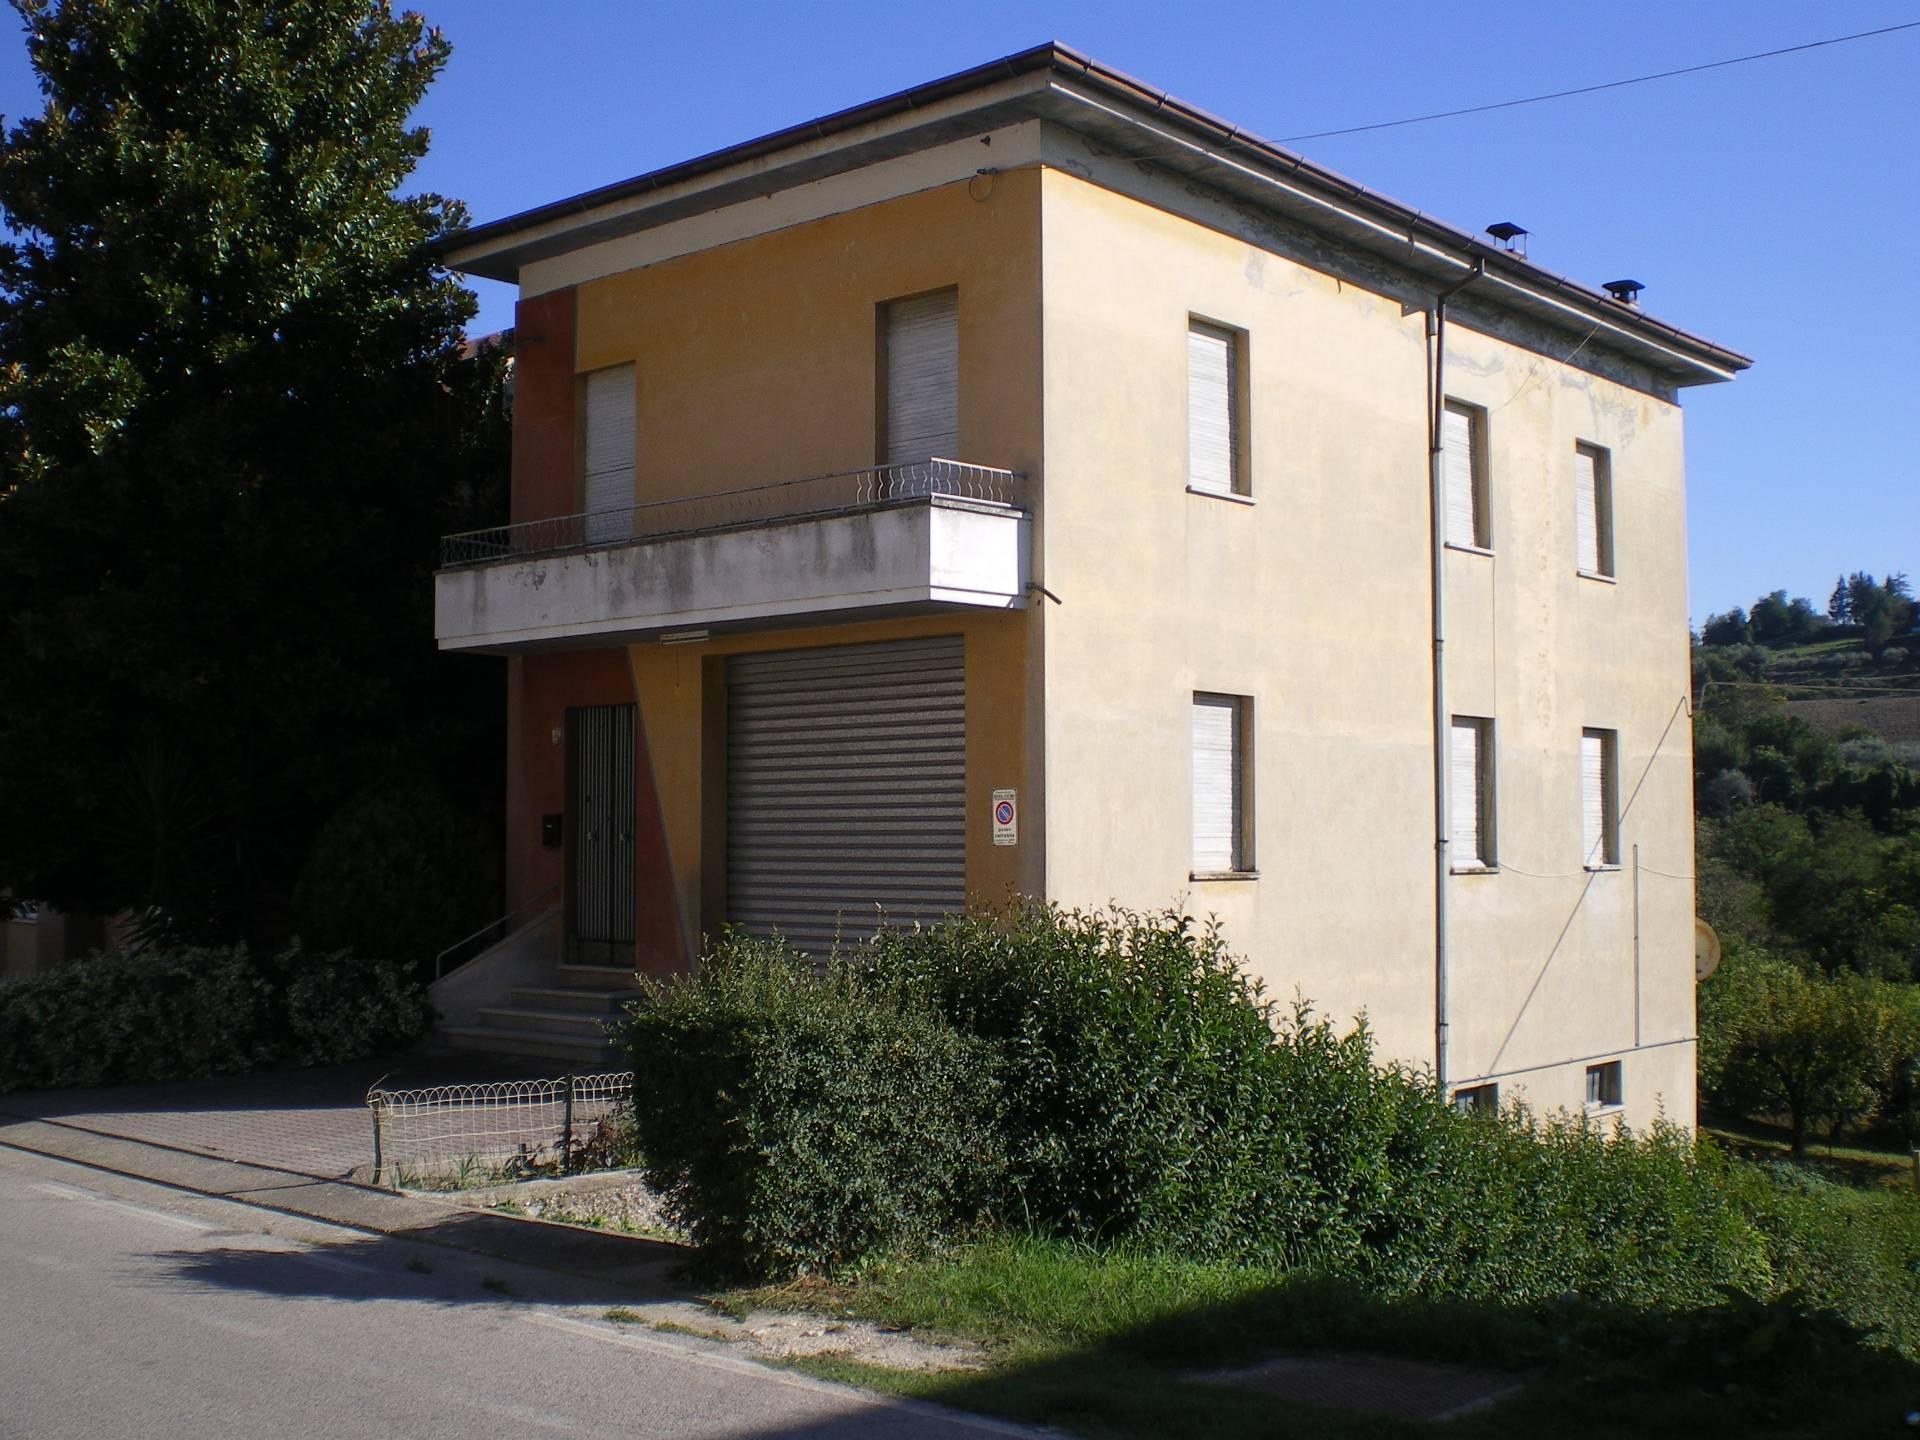 Soluzione Indipendente in vendita a Montottone, 3 locali, prezzo € 170.000 | Cambio Casa.it